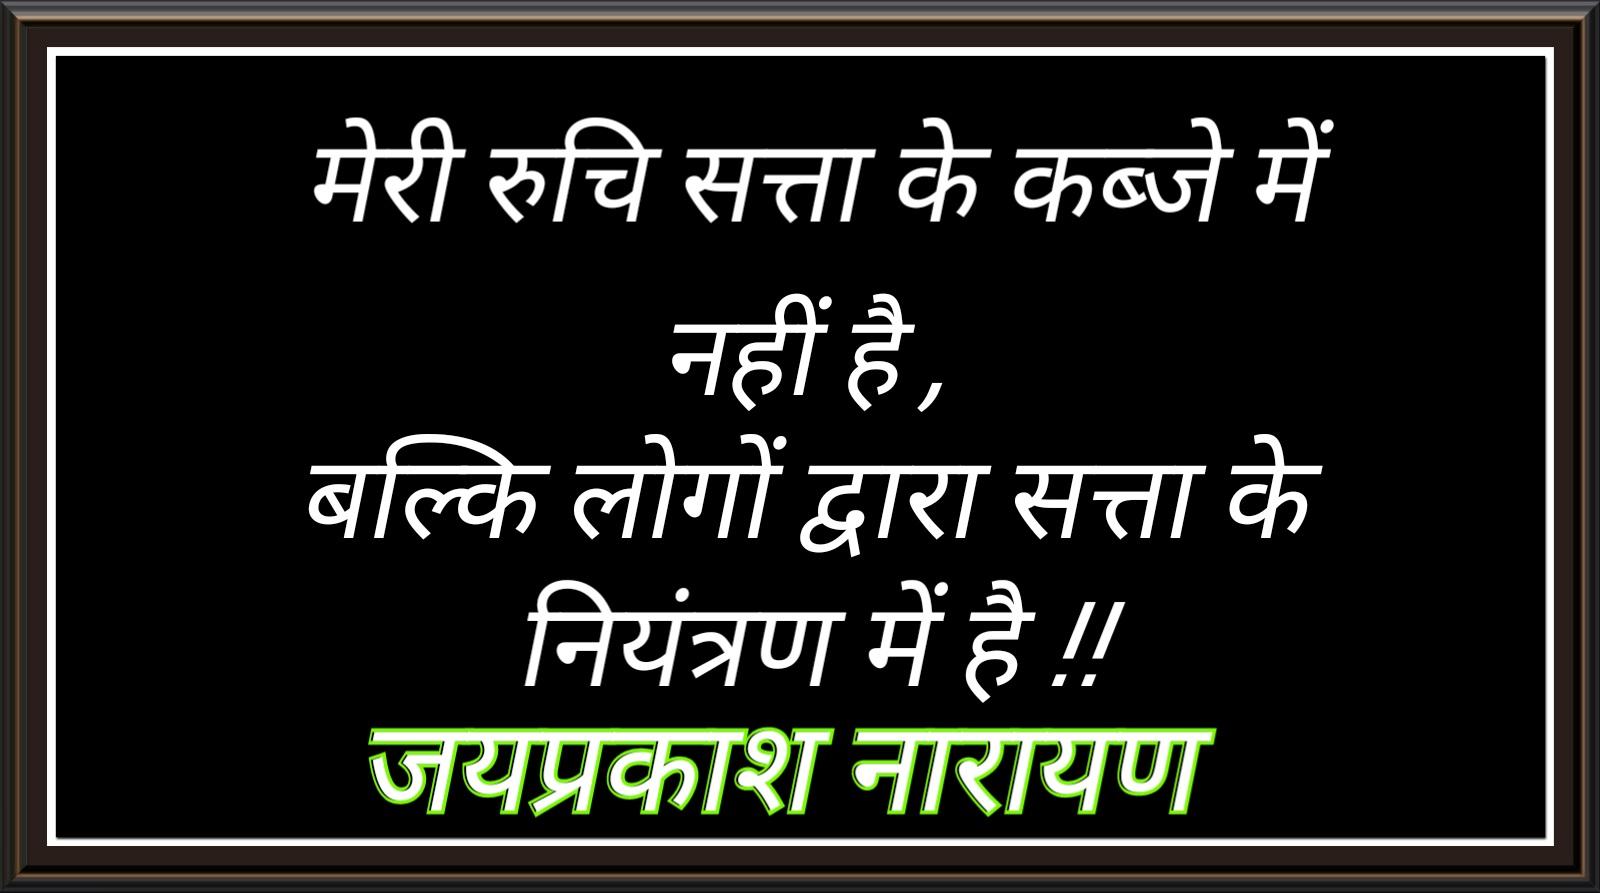 Life Changing Hindi Quotes Swami Vivekananda Life Changing Quotes